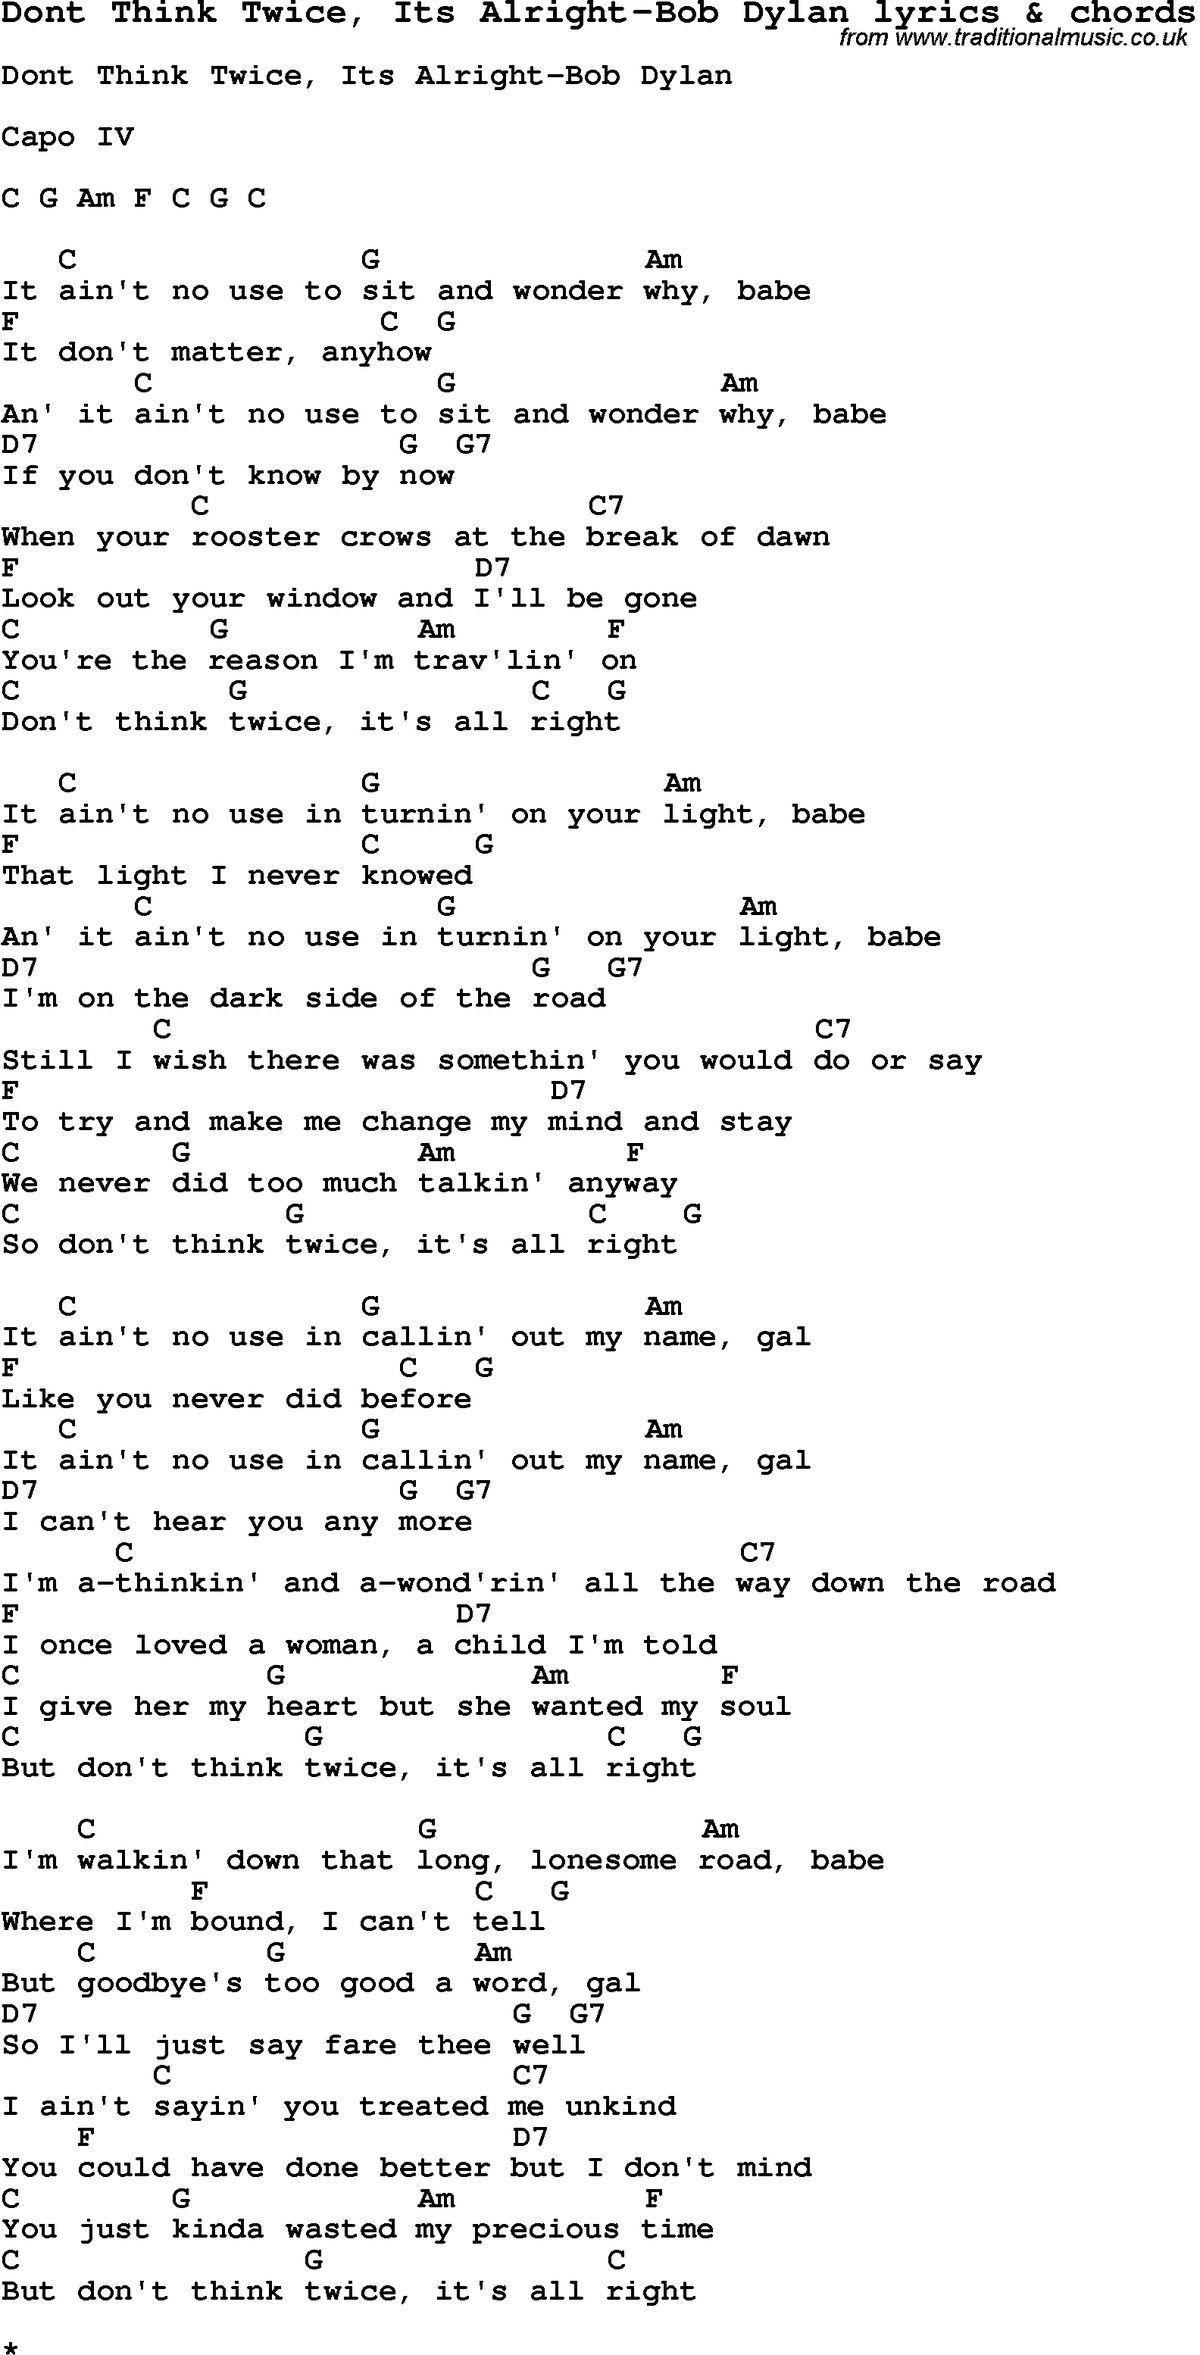 ᴰᴼᴺᵀ ᵀᴴᴵᴺᴷ ᵀᵂᴵᶜᴱ ᴵᵀˢ ᴬᴸᴿᴵᴳᴴᵀ ᴮᴼᴮ ᴰᵞᴸᴬᴺ Easy guitar songs